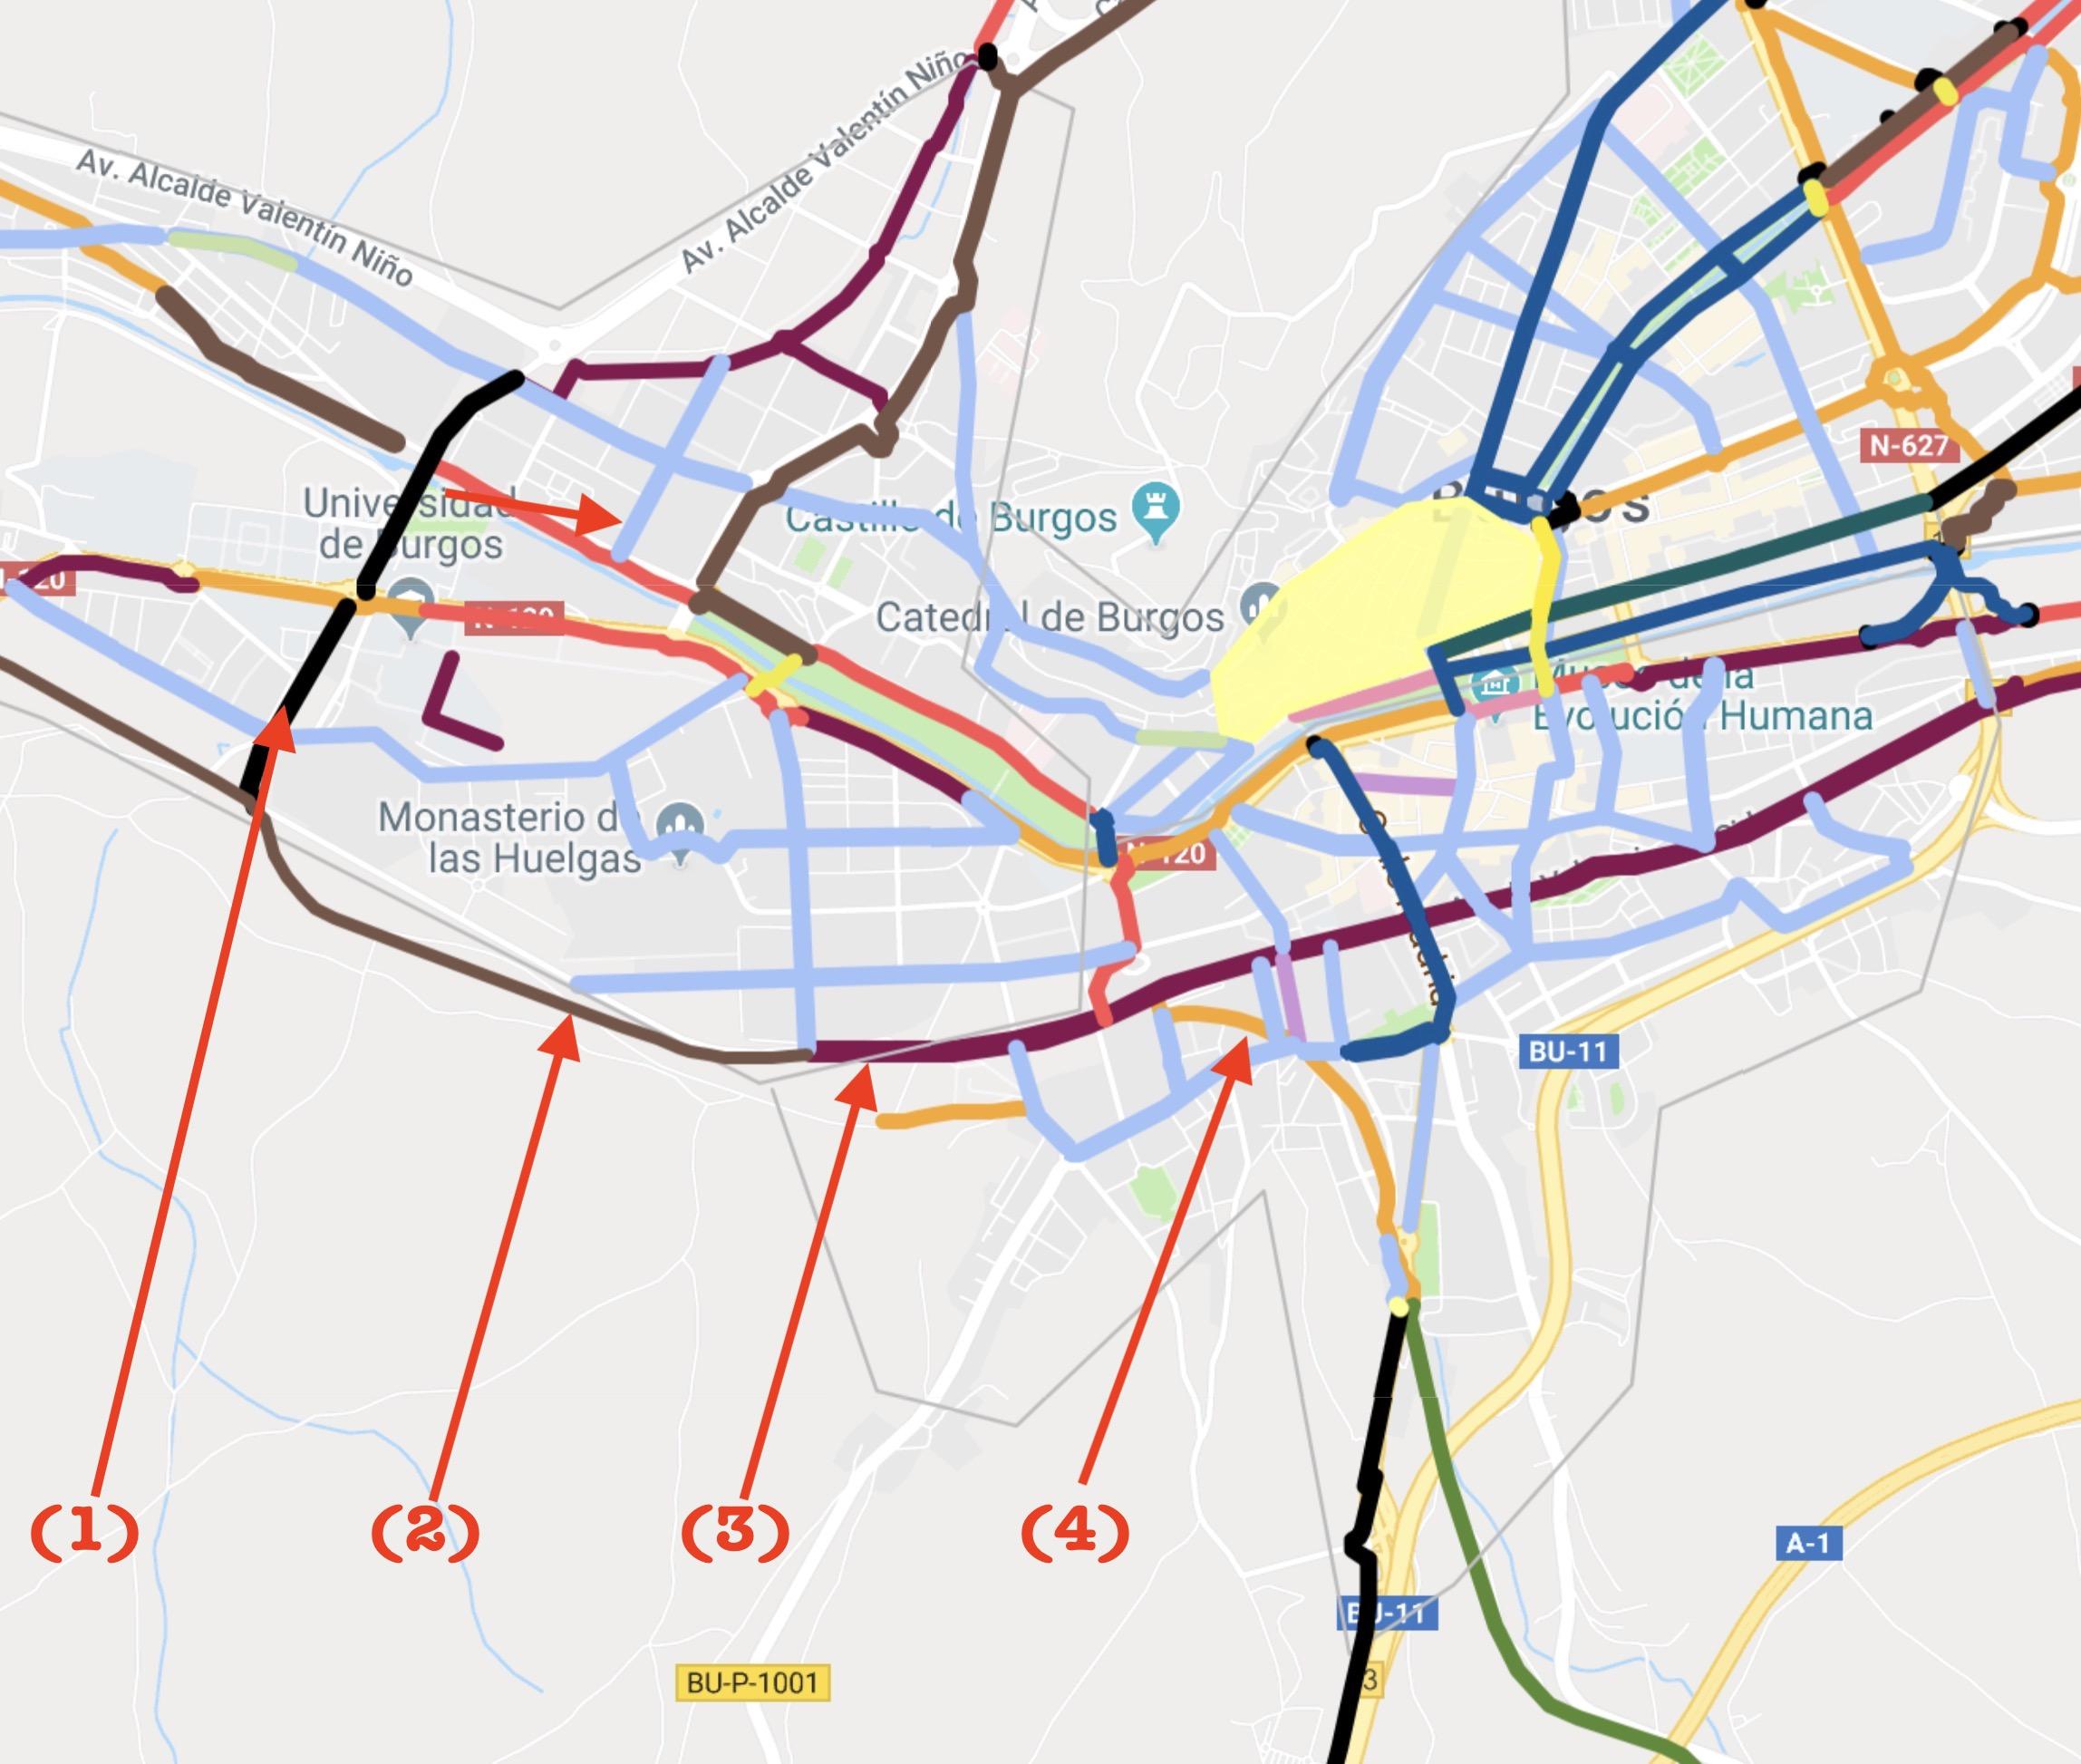 Mapa de vías ciclistas propuestas para burgos donde se marcan las que conectarían en la ciudad los dos tramos de la vía verde Santander Mediterráneo